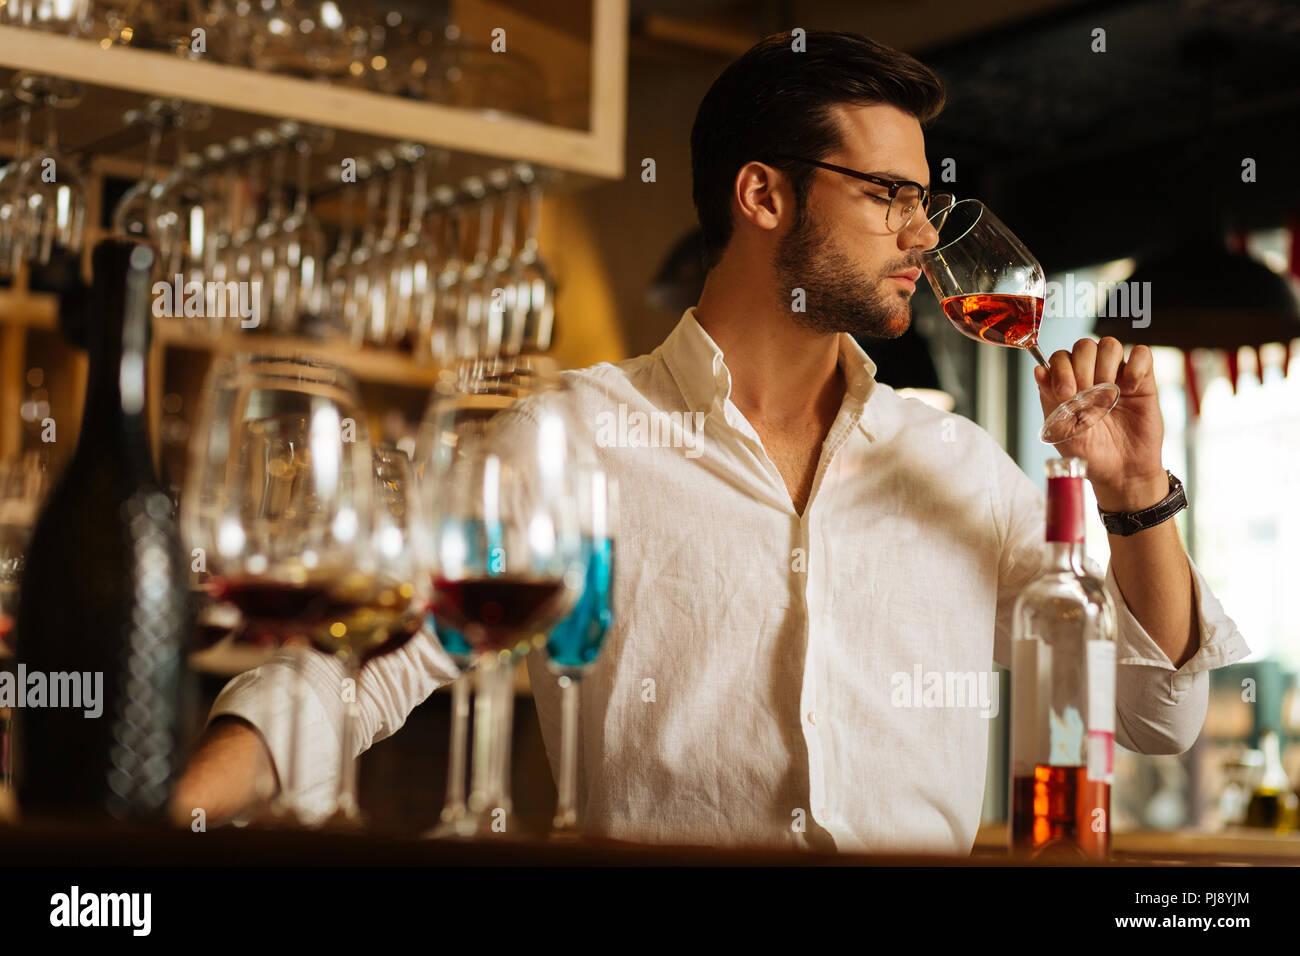 Smart uomo gravi sentire il profumo del vino Foto Stock